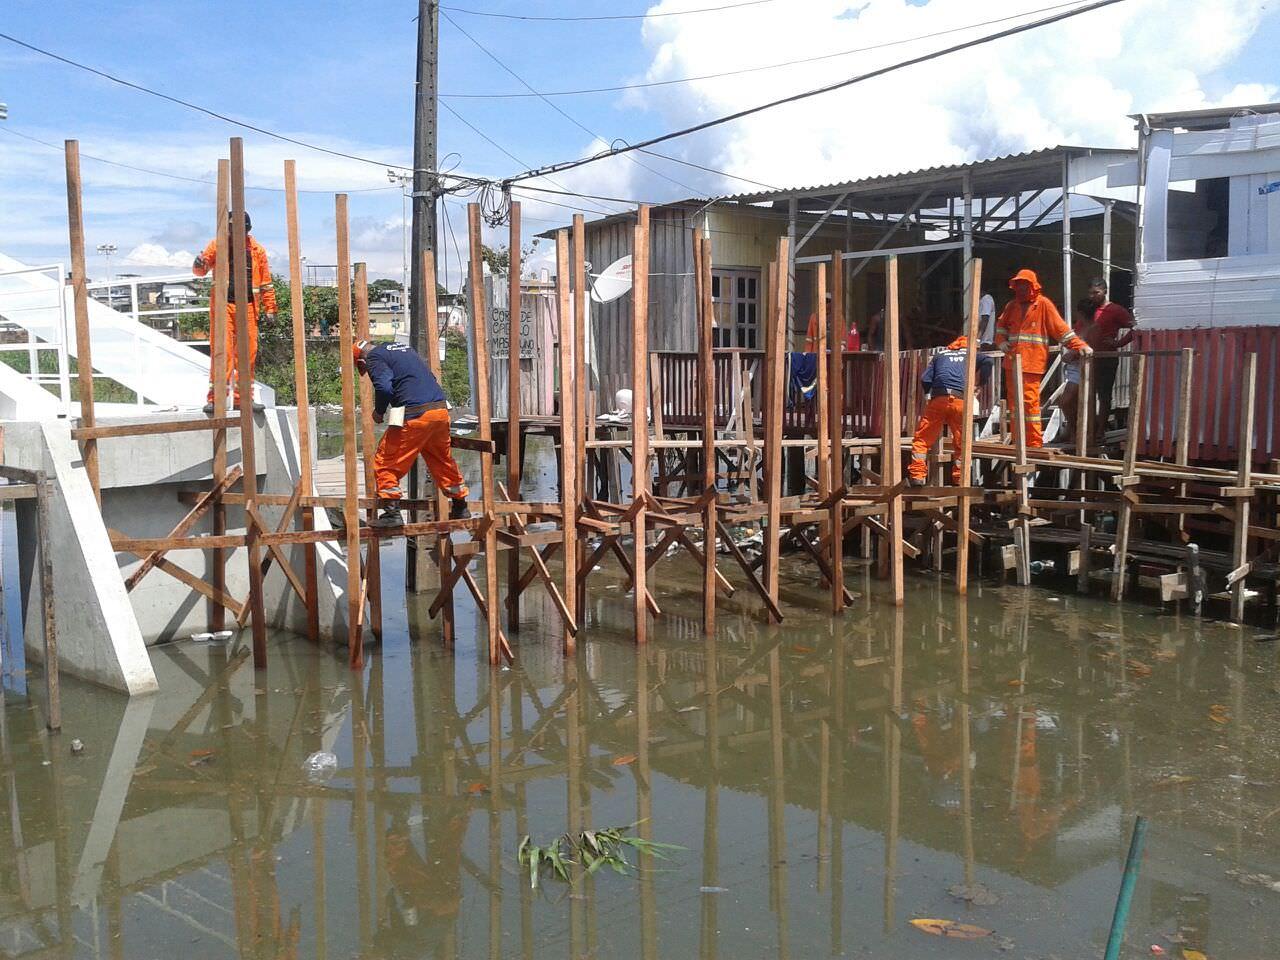 Cheia de 2021 pode superar enchente histórica de 2012? Relembre cheias que marcaram a região Norte